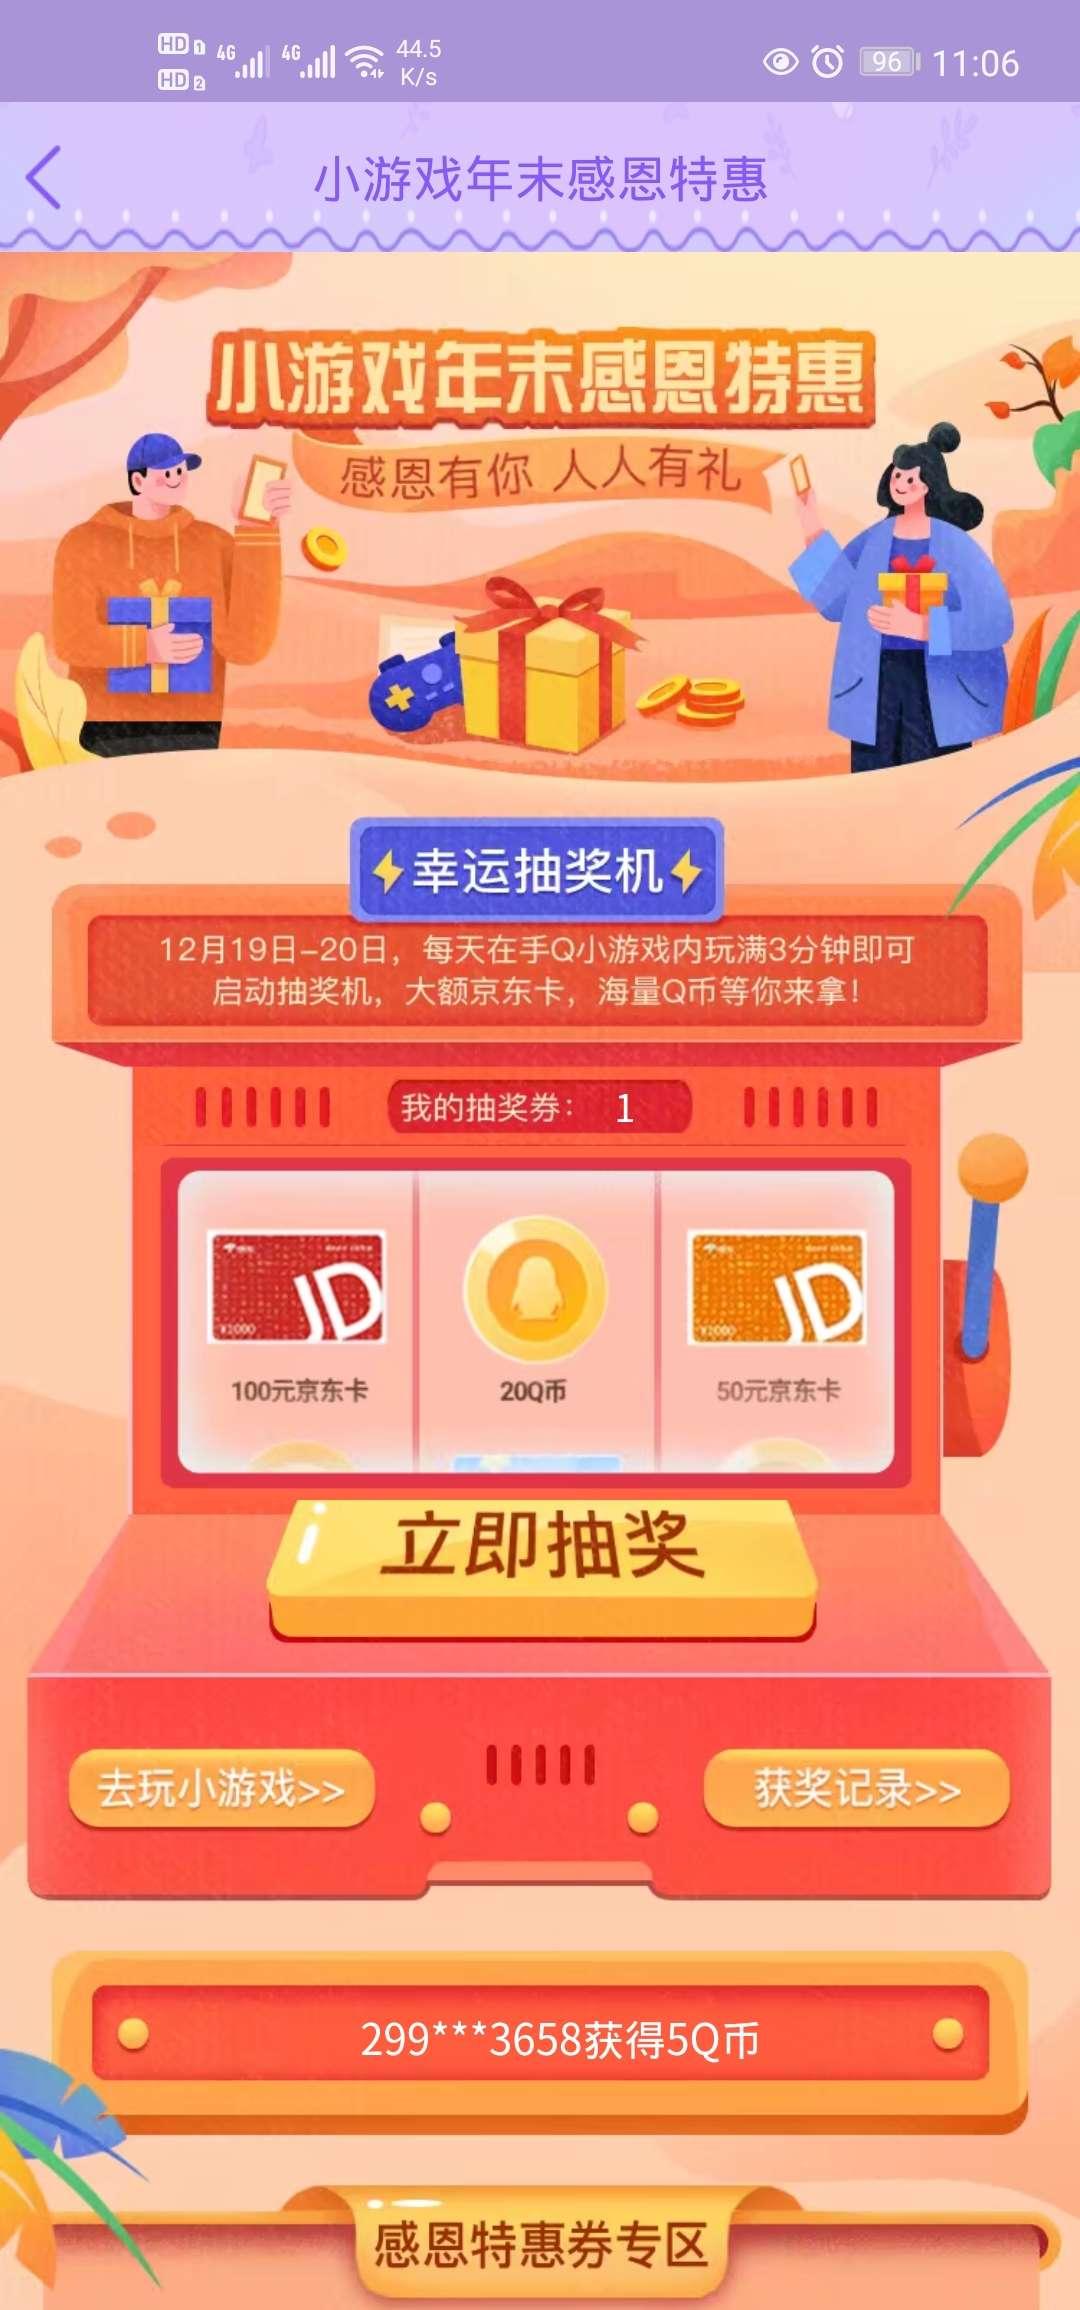 图片[1]-QQ小游戏抽Q币奖励-老友薅羊毛活动线报网